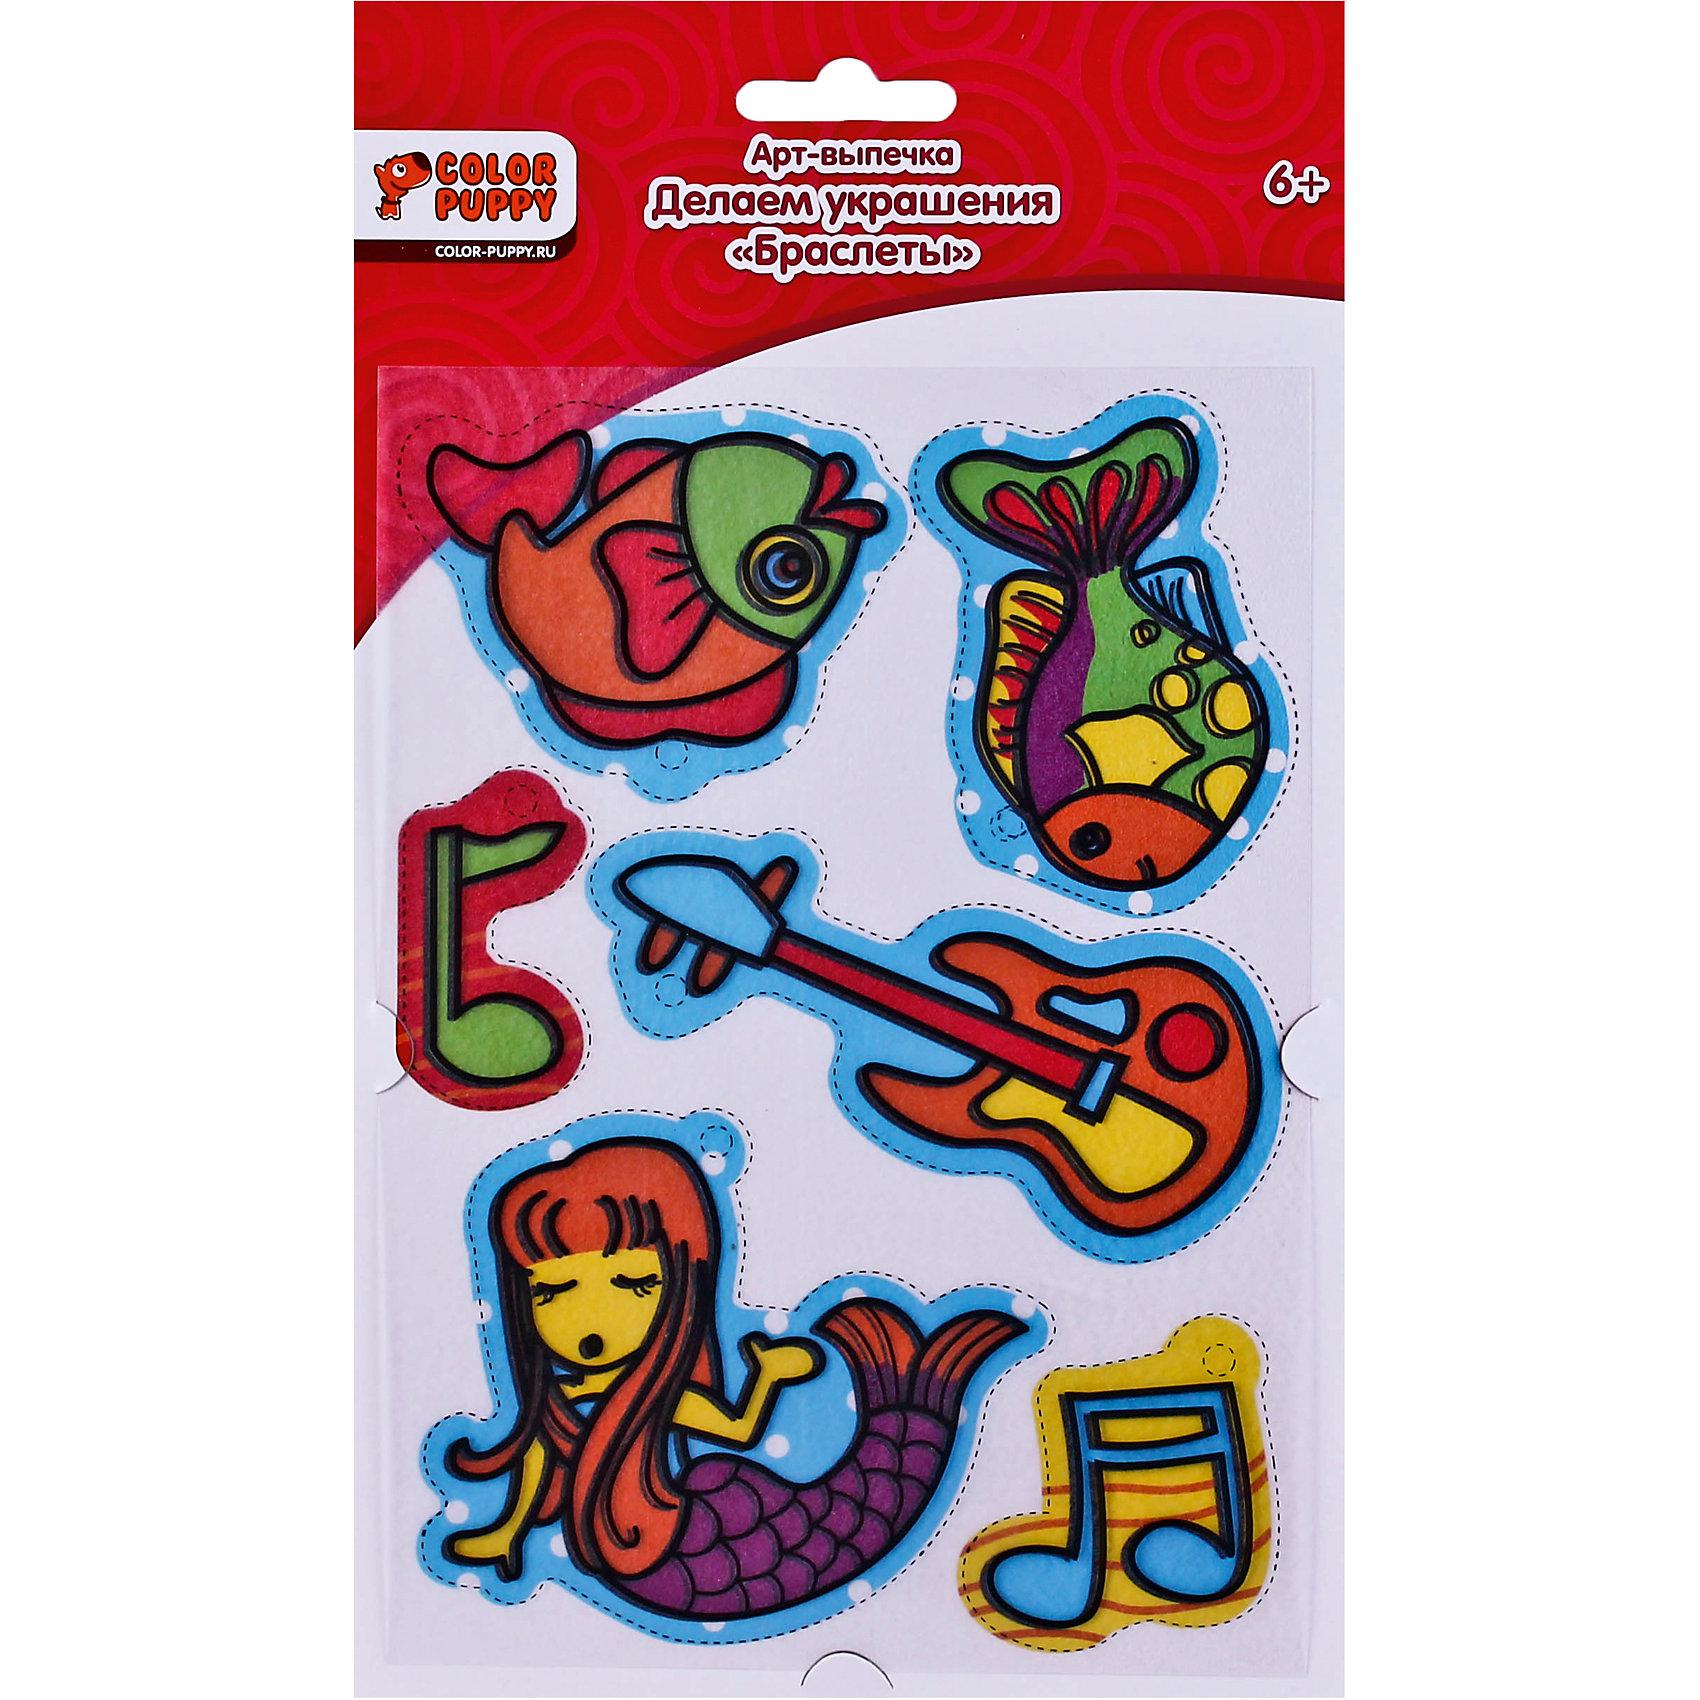 Color Puppy Набор для творчества «Делаем украшения: браслеты, запекание» браслеты